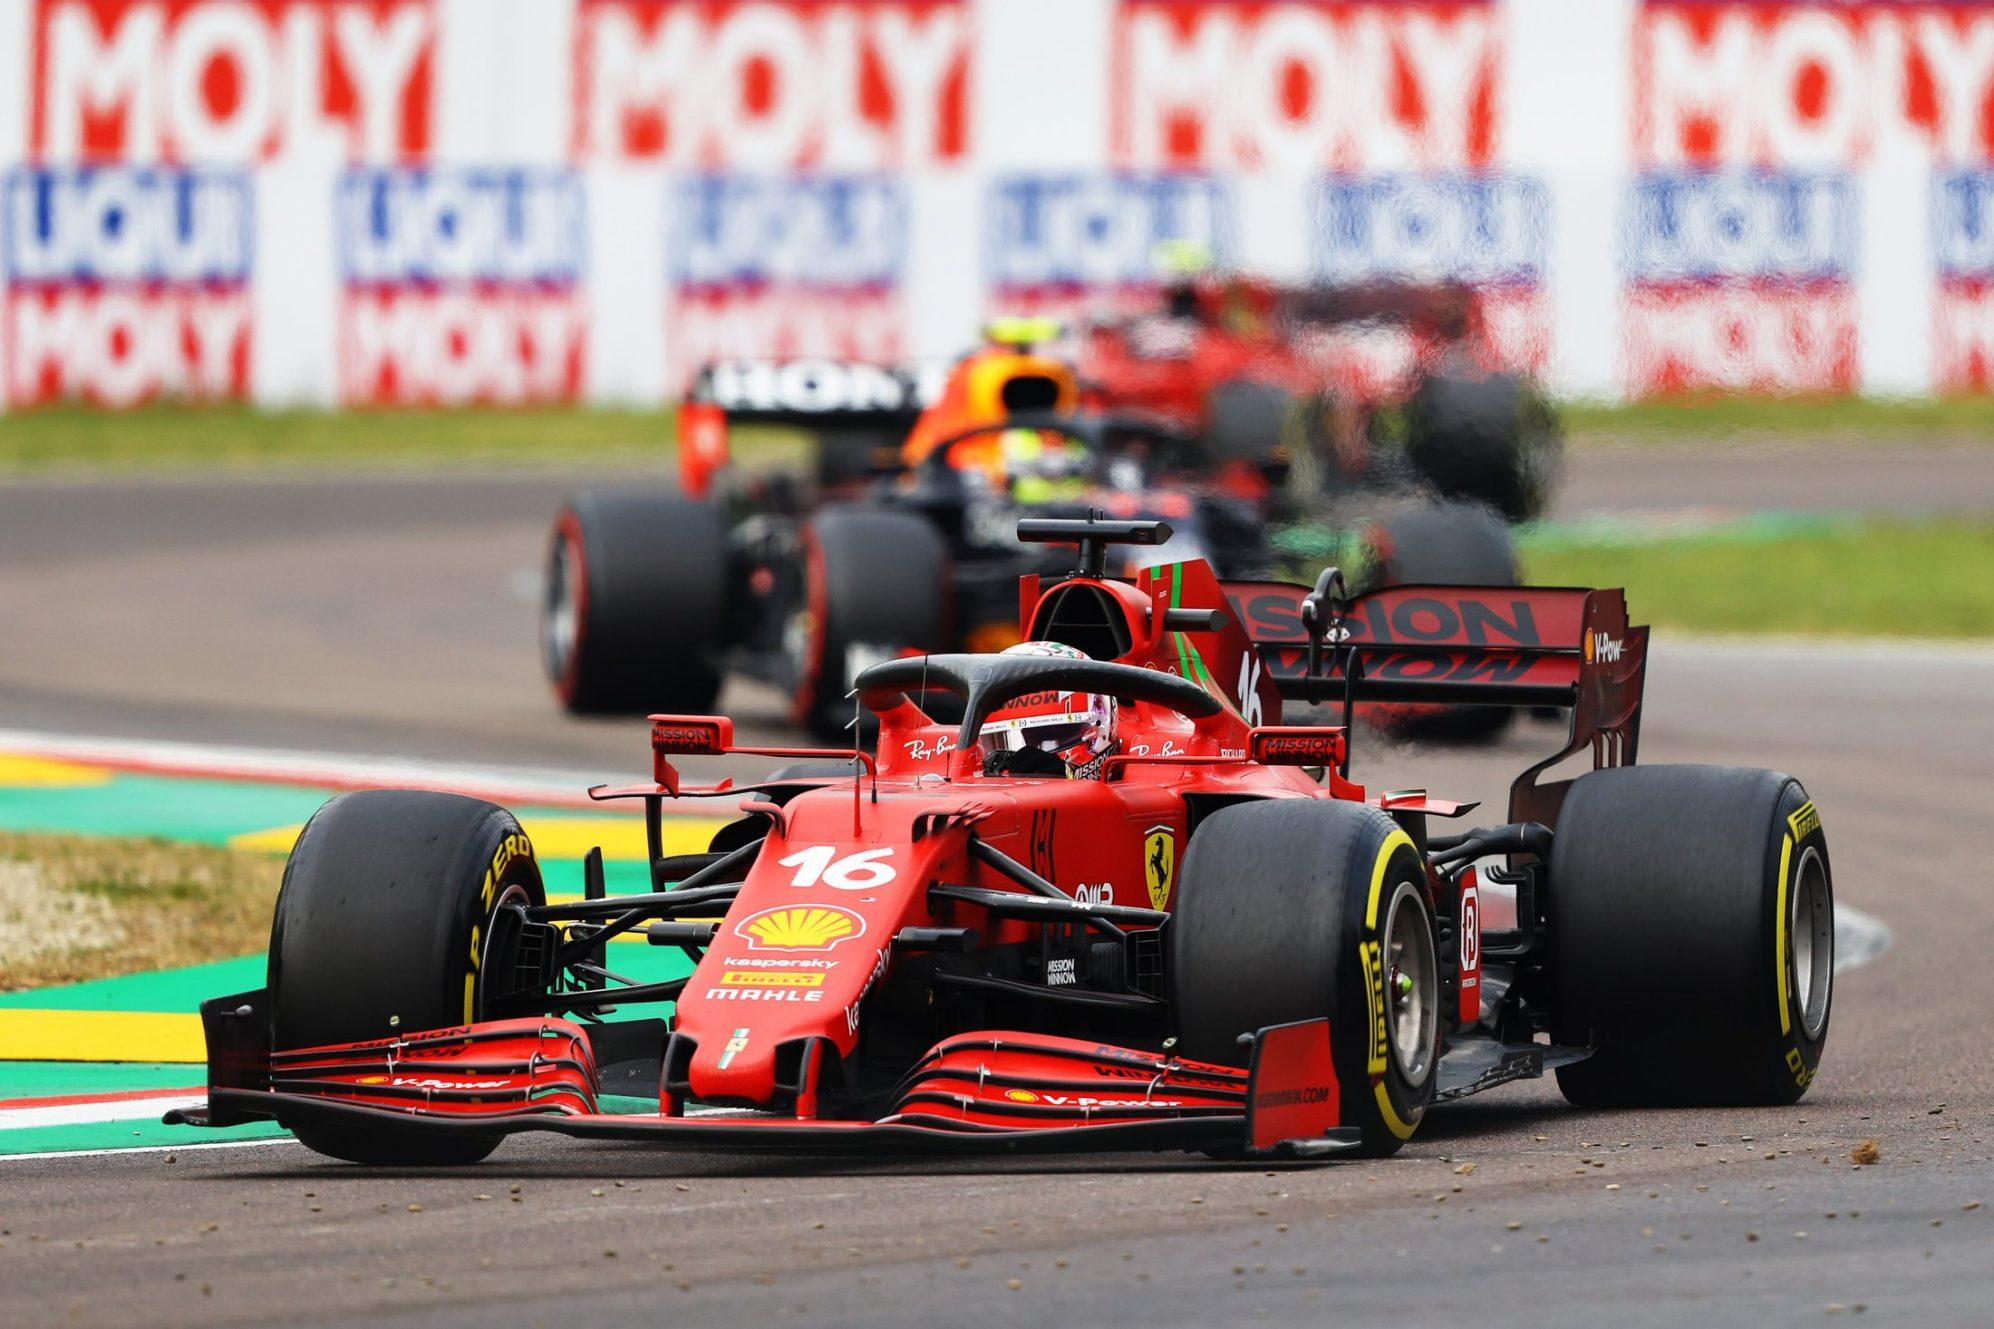 Max Verstappen soán ngôi ngoạn mục tại đường đua Imola -0